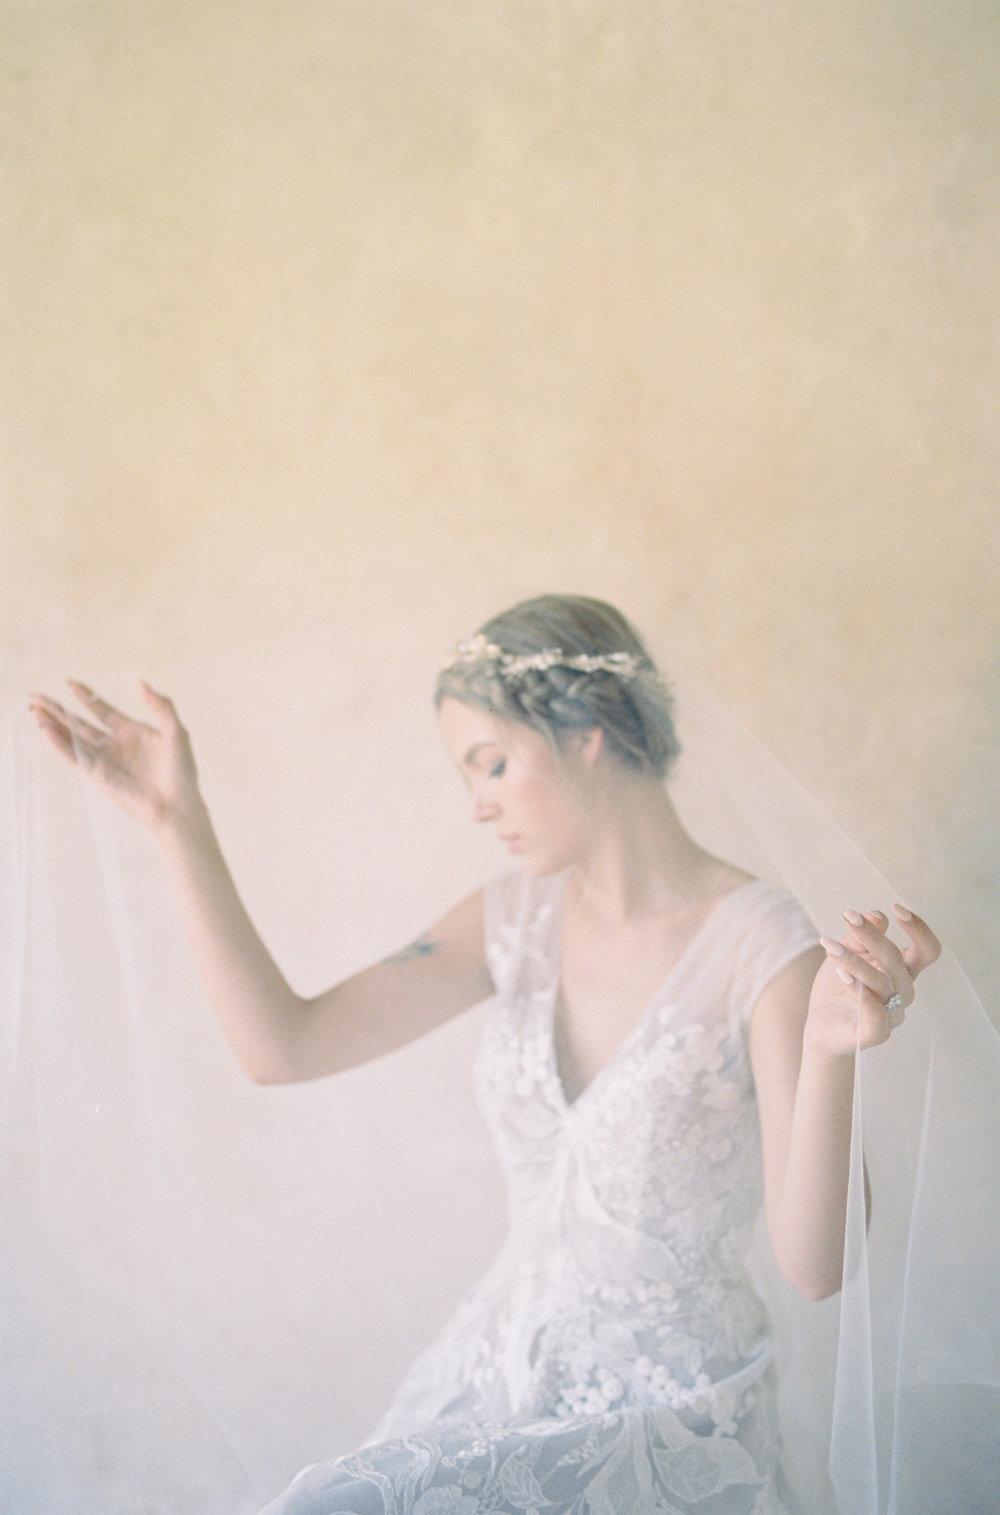 Bridal-Hollywood-31-Jen_Huang-032493-R1-031.jpg